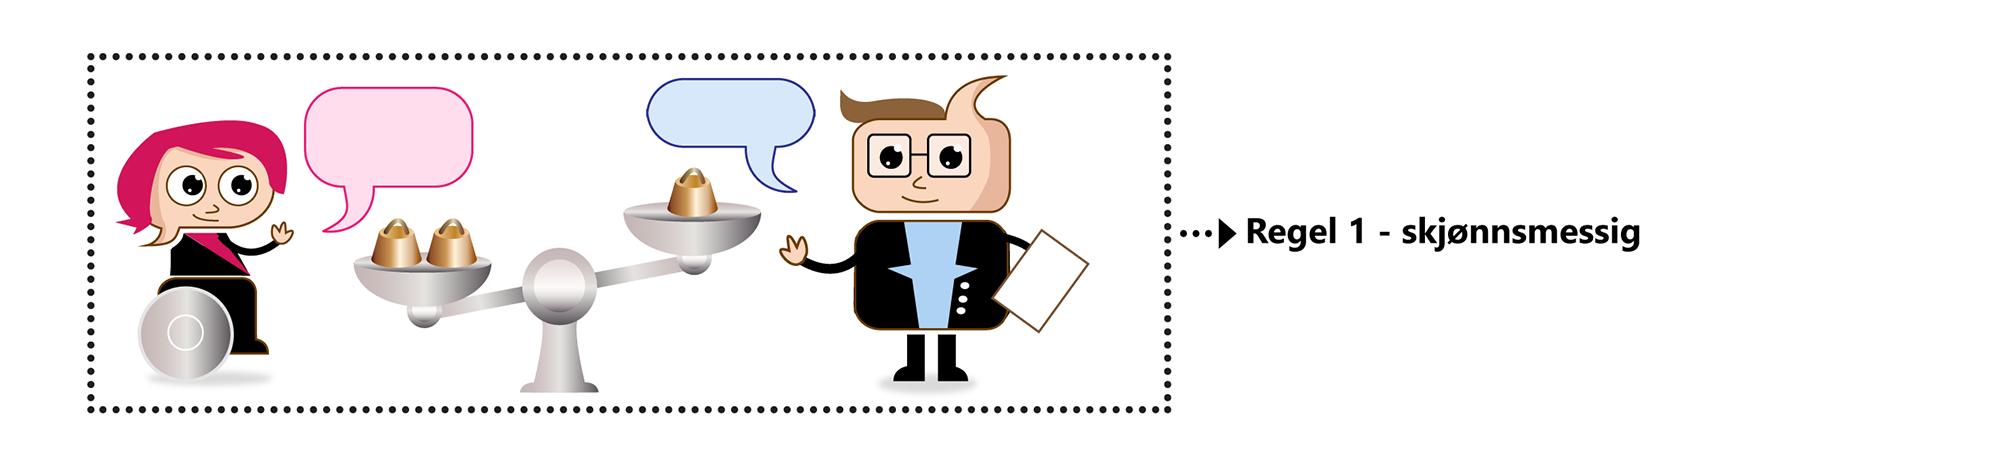 Illustrasjon til test del 5-1 - Snakk om BPA